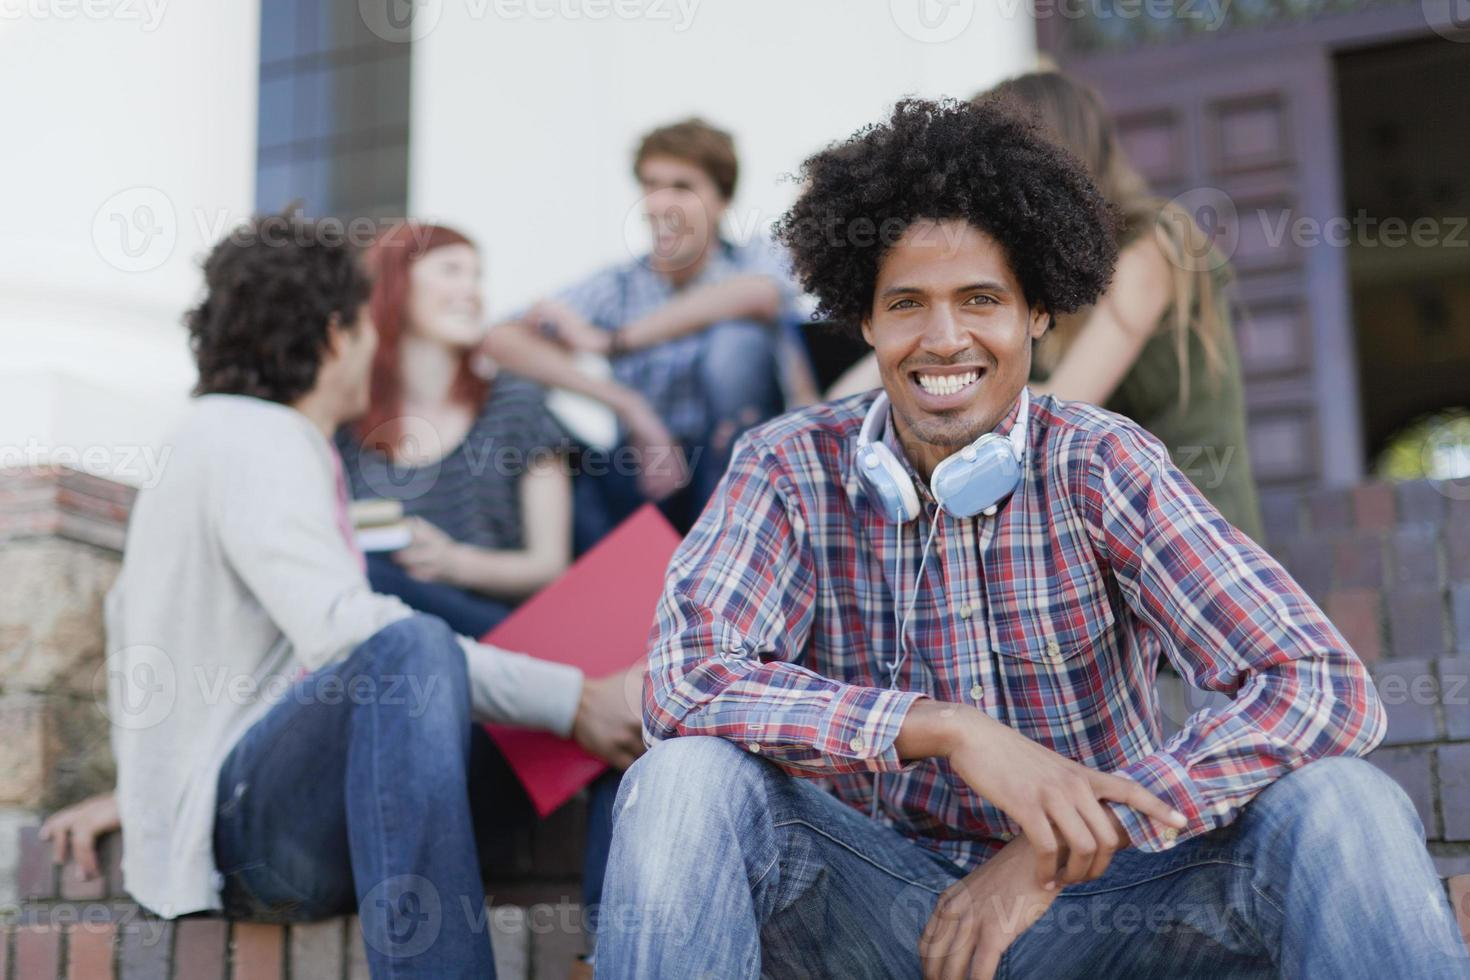 estudantes sentados juntos no campus foto